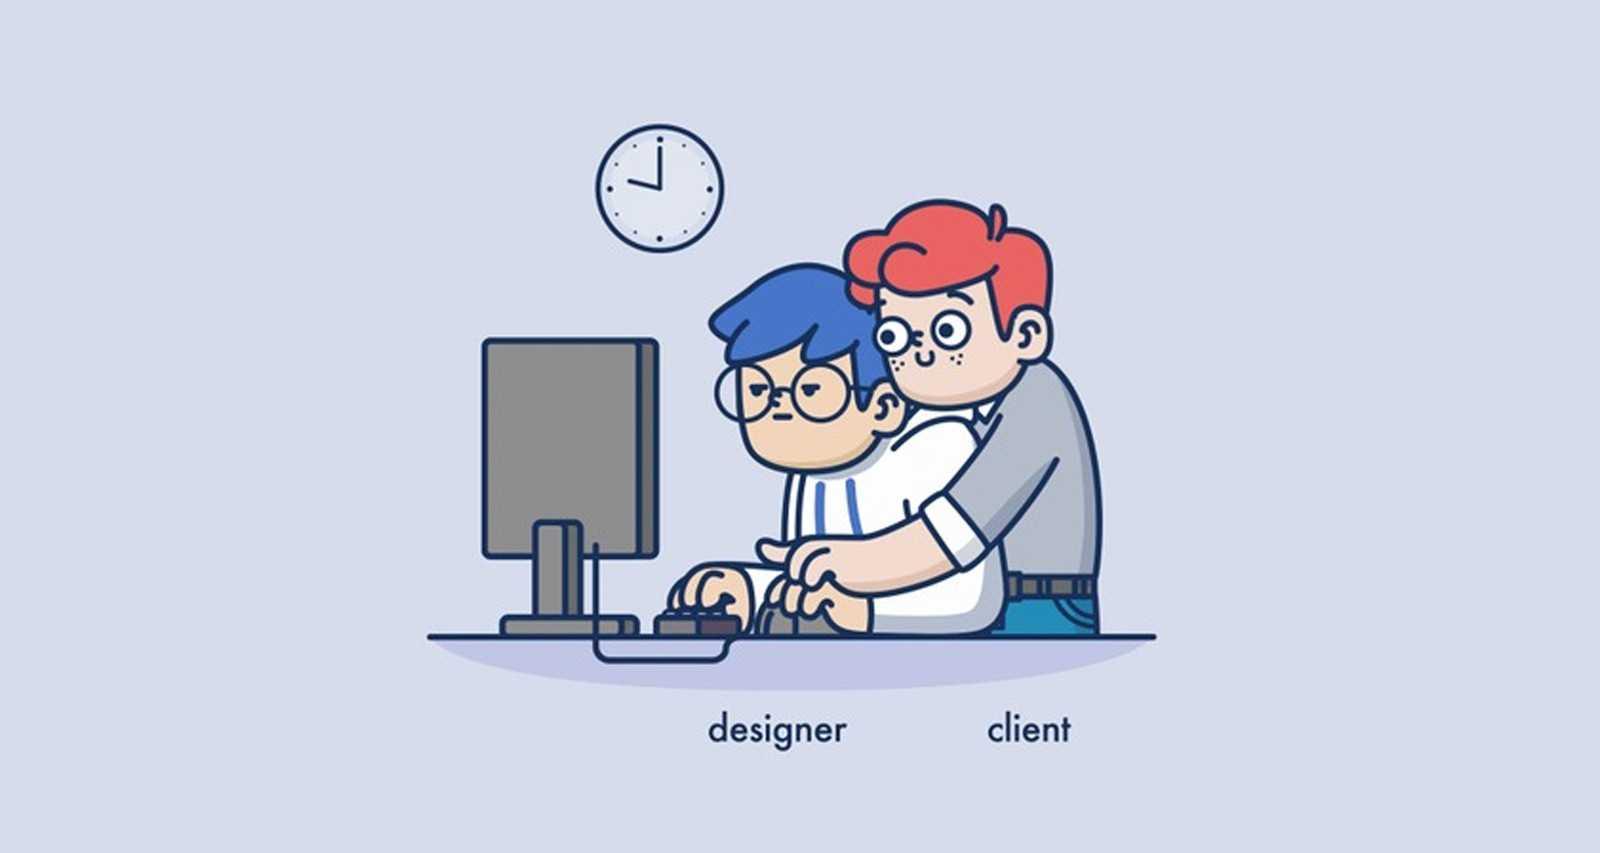 Дизайнеры и клиенты — в чем разница